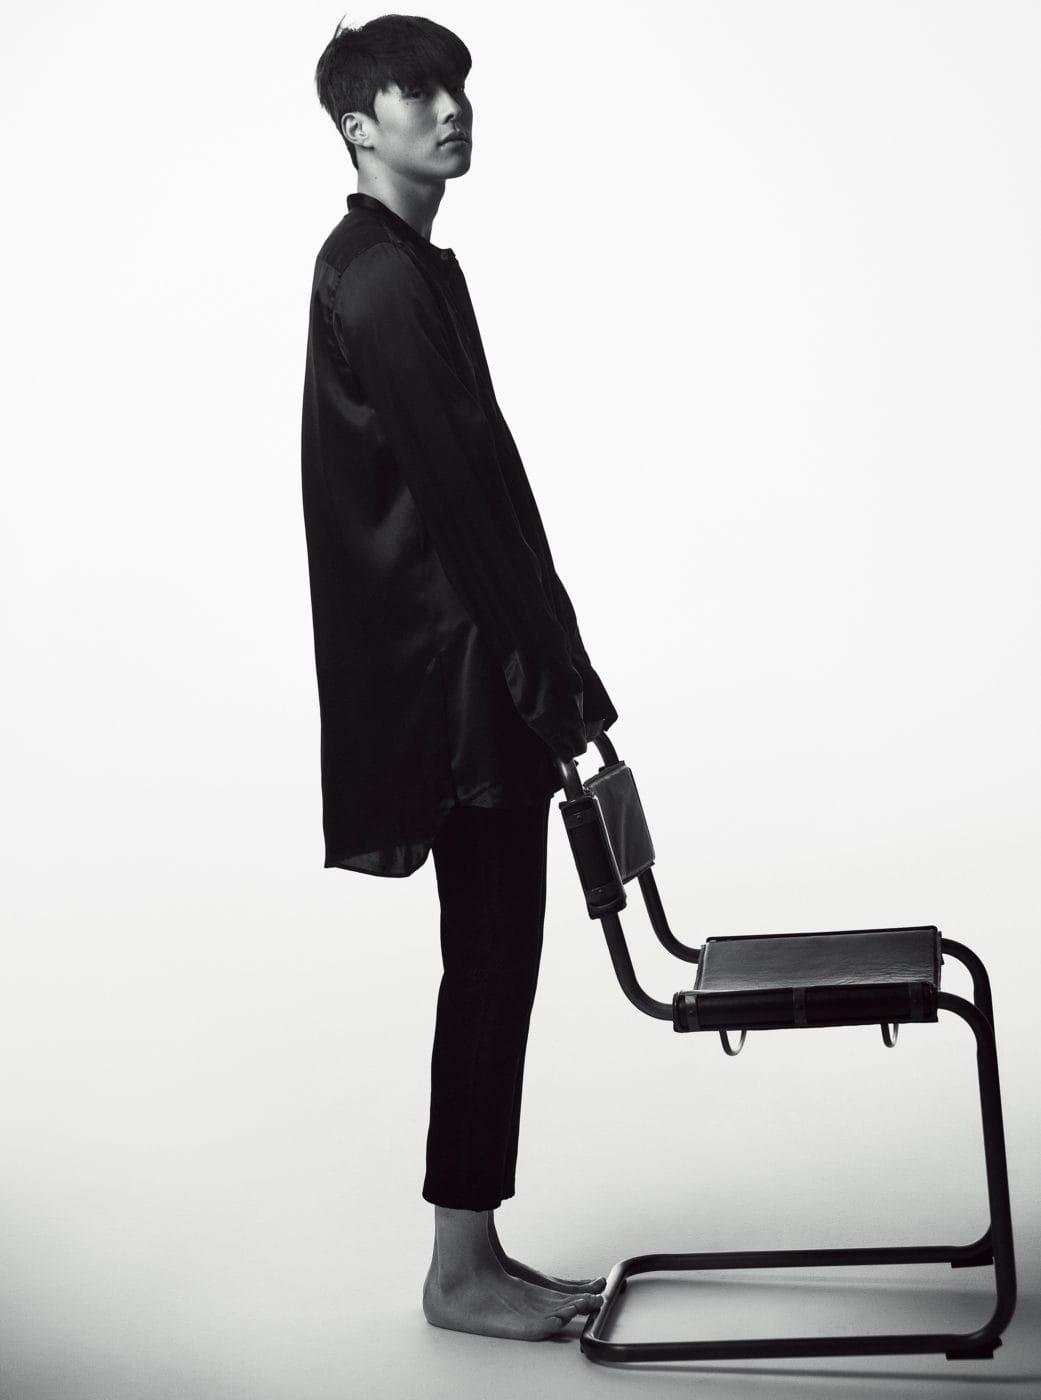 Jang Ki Yong 1 - Jang Ki Yong Berbicara Tentang Kepribadian Kehidupan Nyata-Nya!